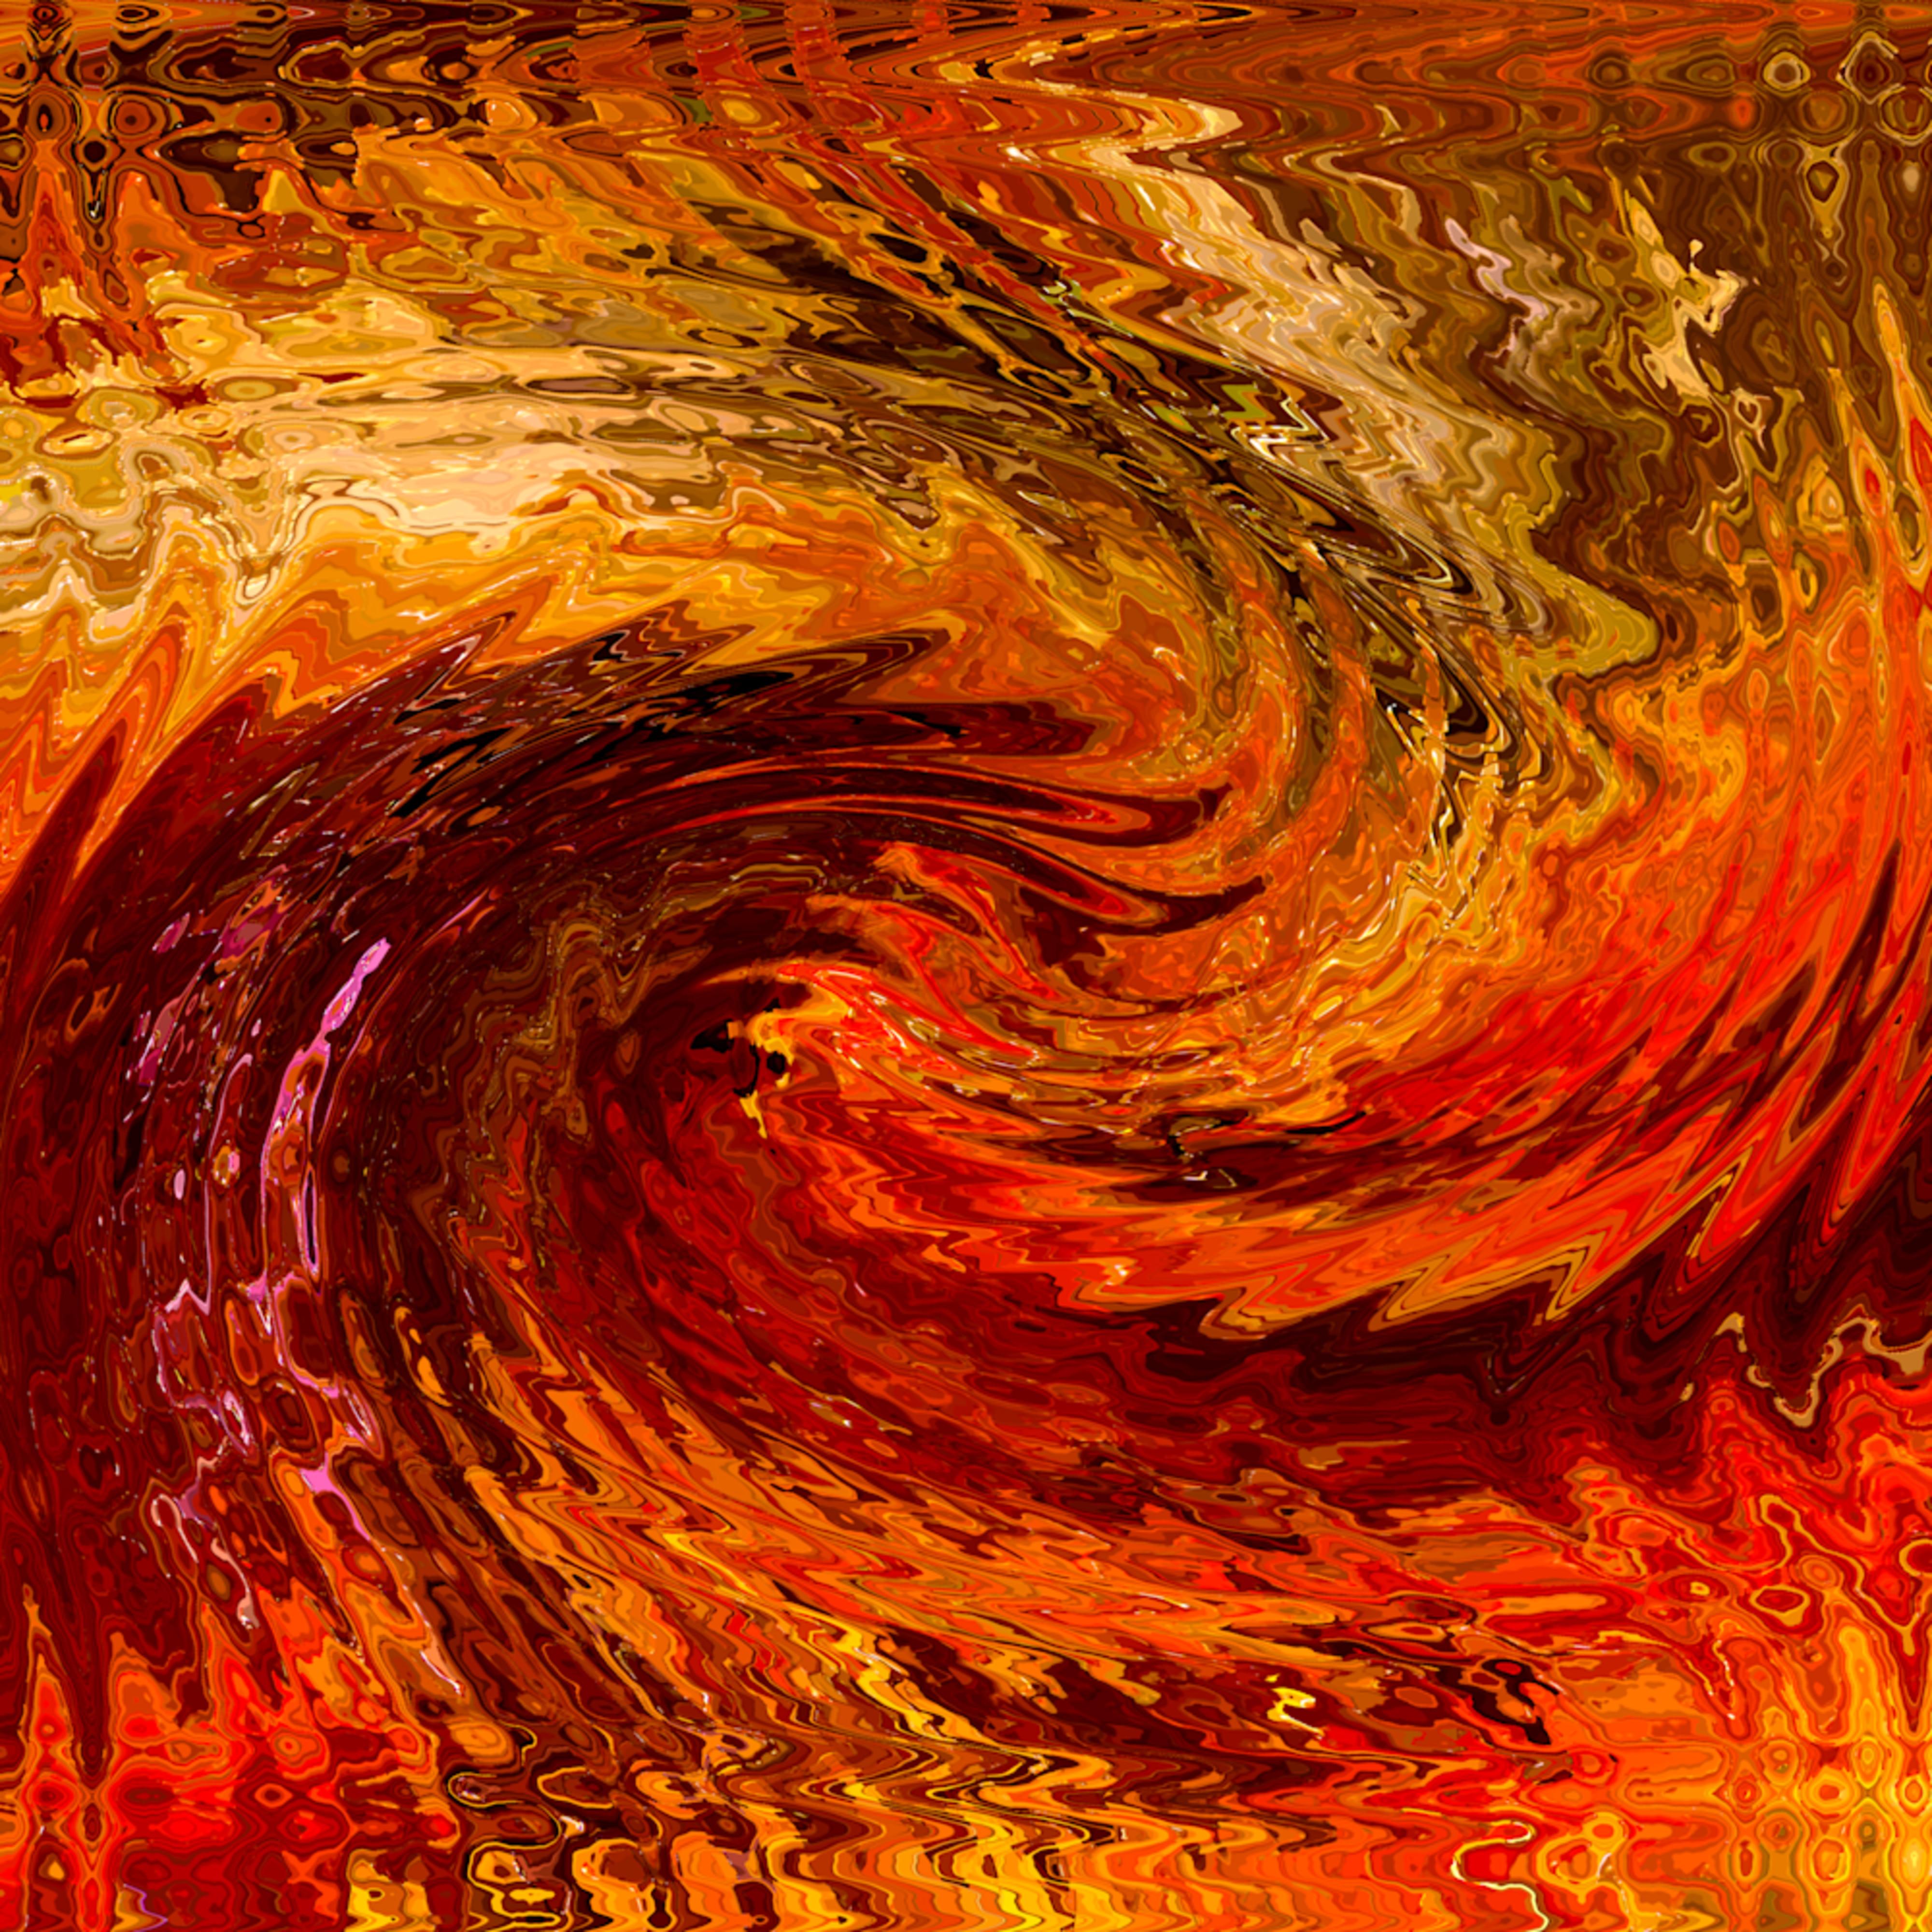 Img 4317 implode wave55 vortex levels ksfcfj